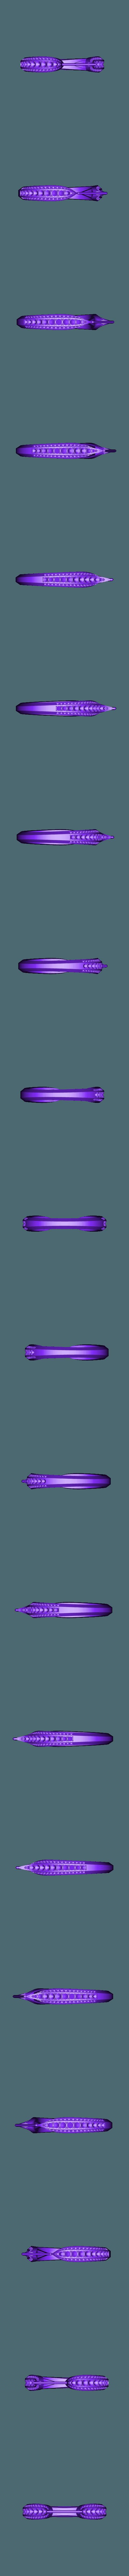 corps ok.stl Download STL file tulip ring • 3D printing model, ToneRjewelery